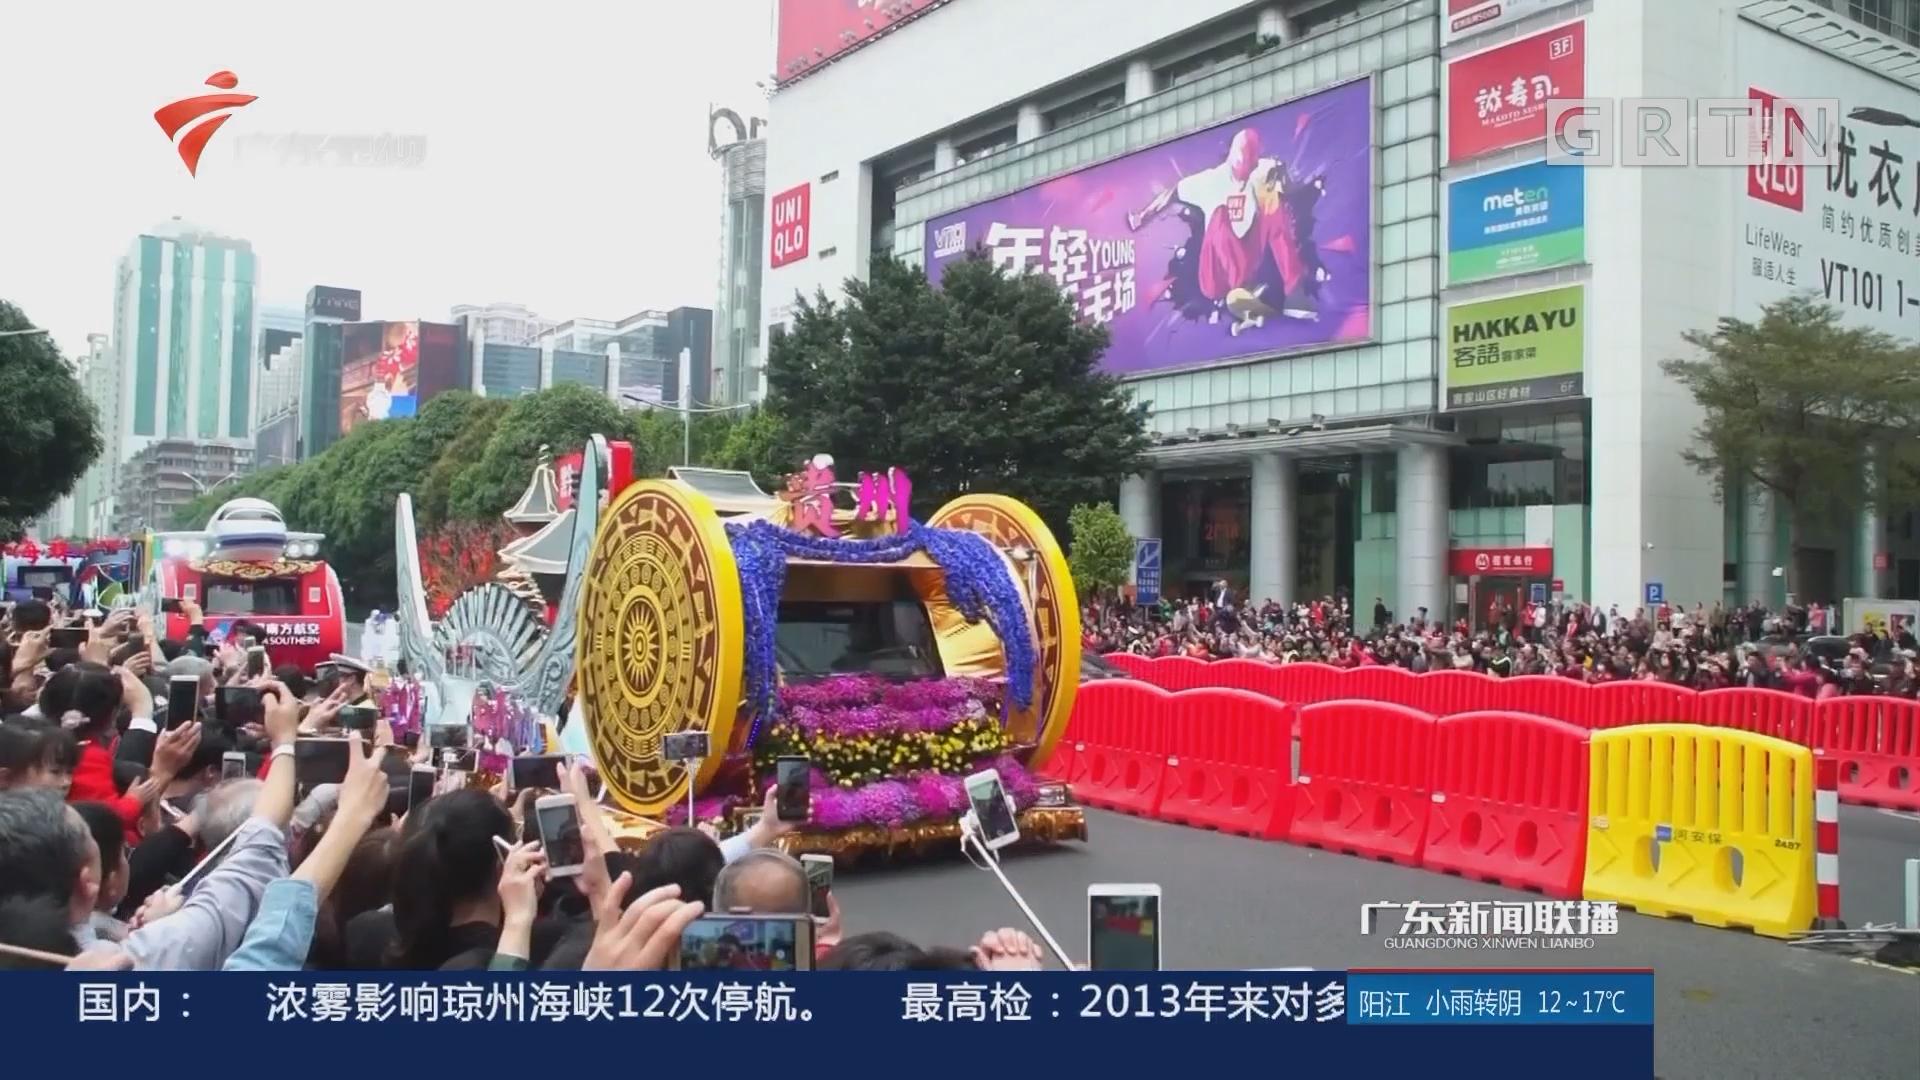 春节黄金周:广东旅游持续火爆